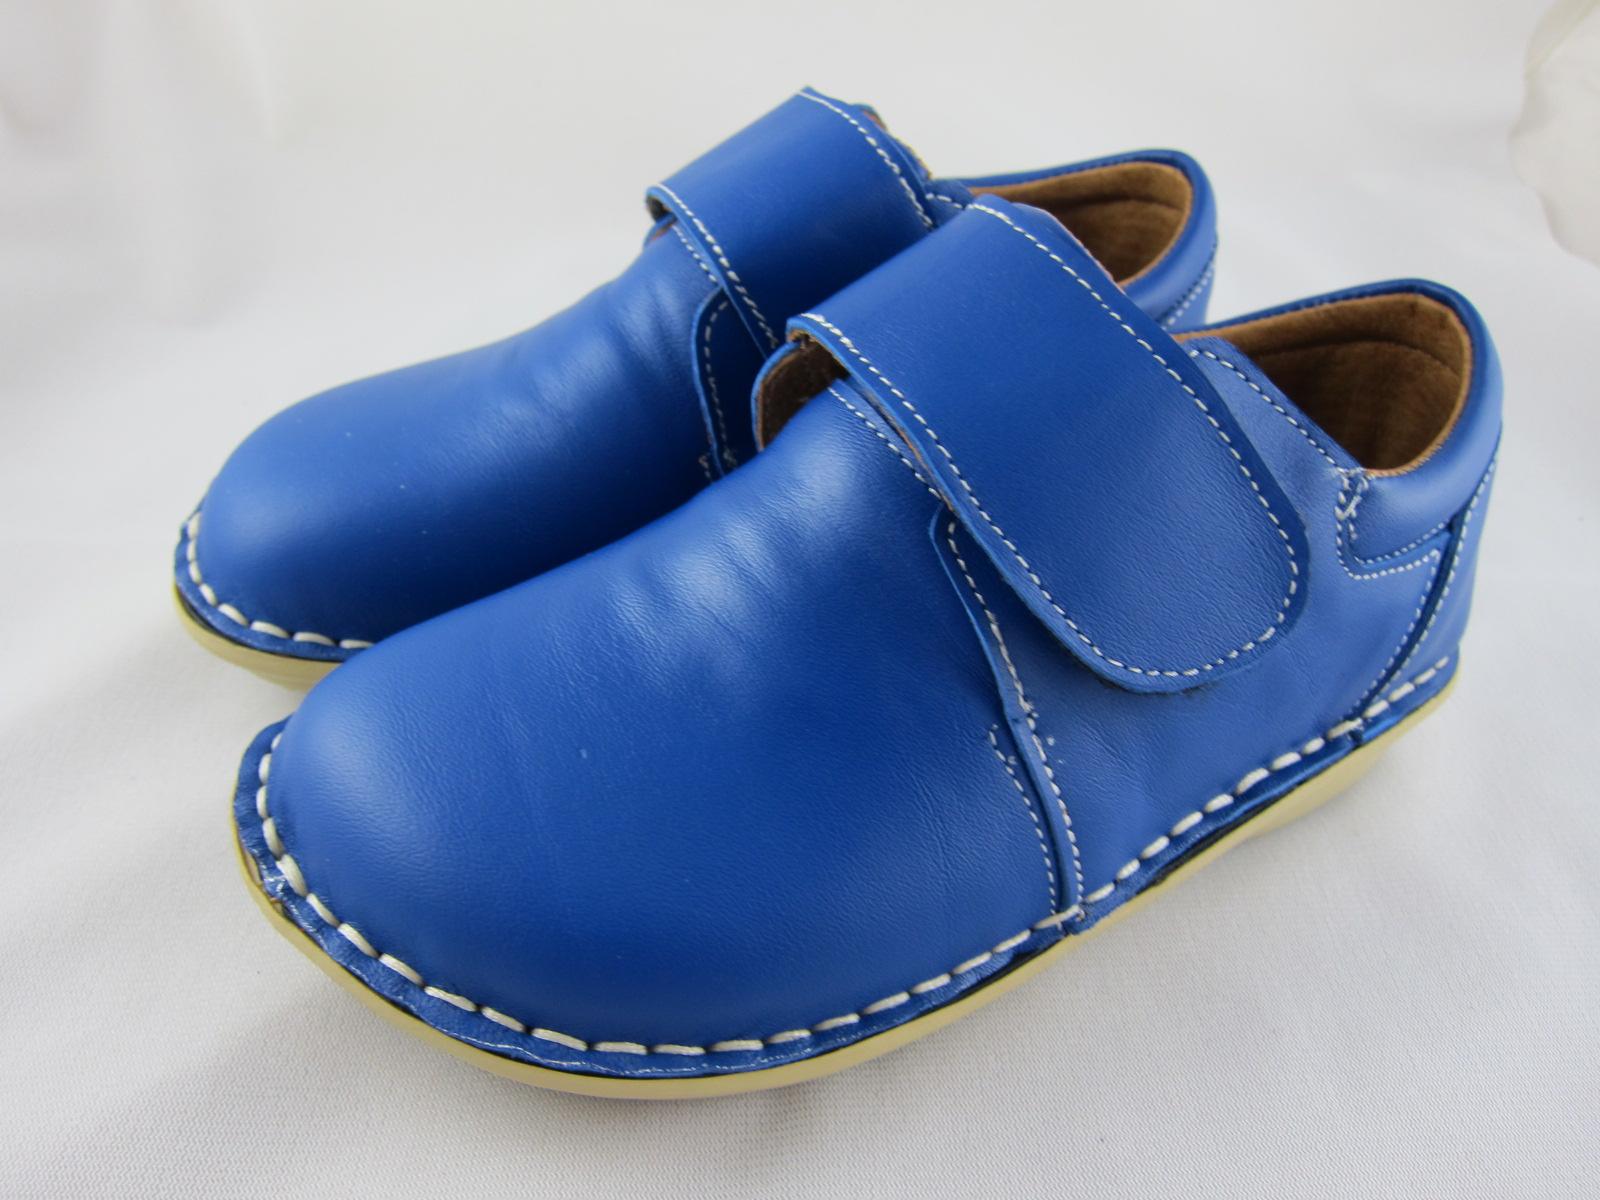 真皮工坊~比氣墊鞋好穿【P5006】㊣牛皮真皮手工鞋兒童休閒鞋.皮鞋【顏色多種可自選、顏色挑選請參考首頁】